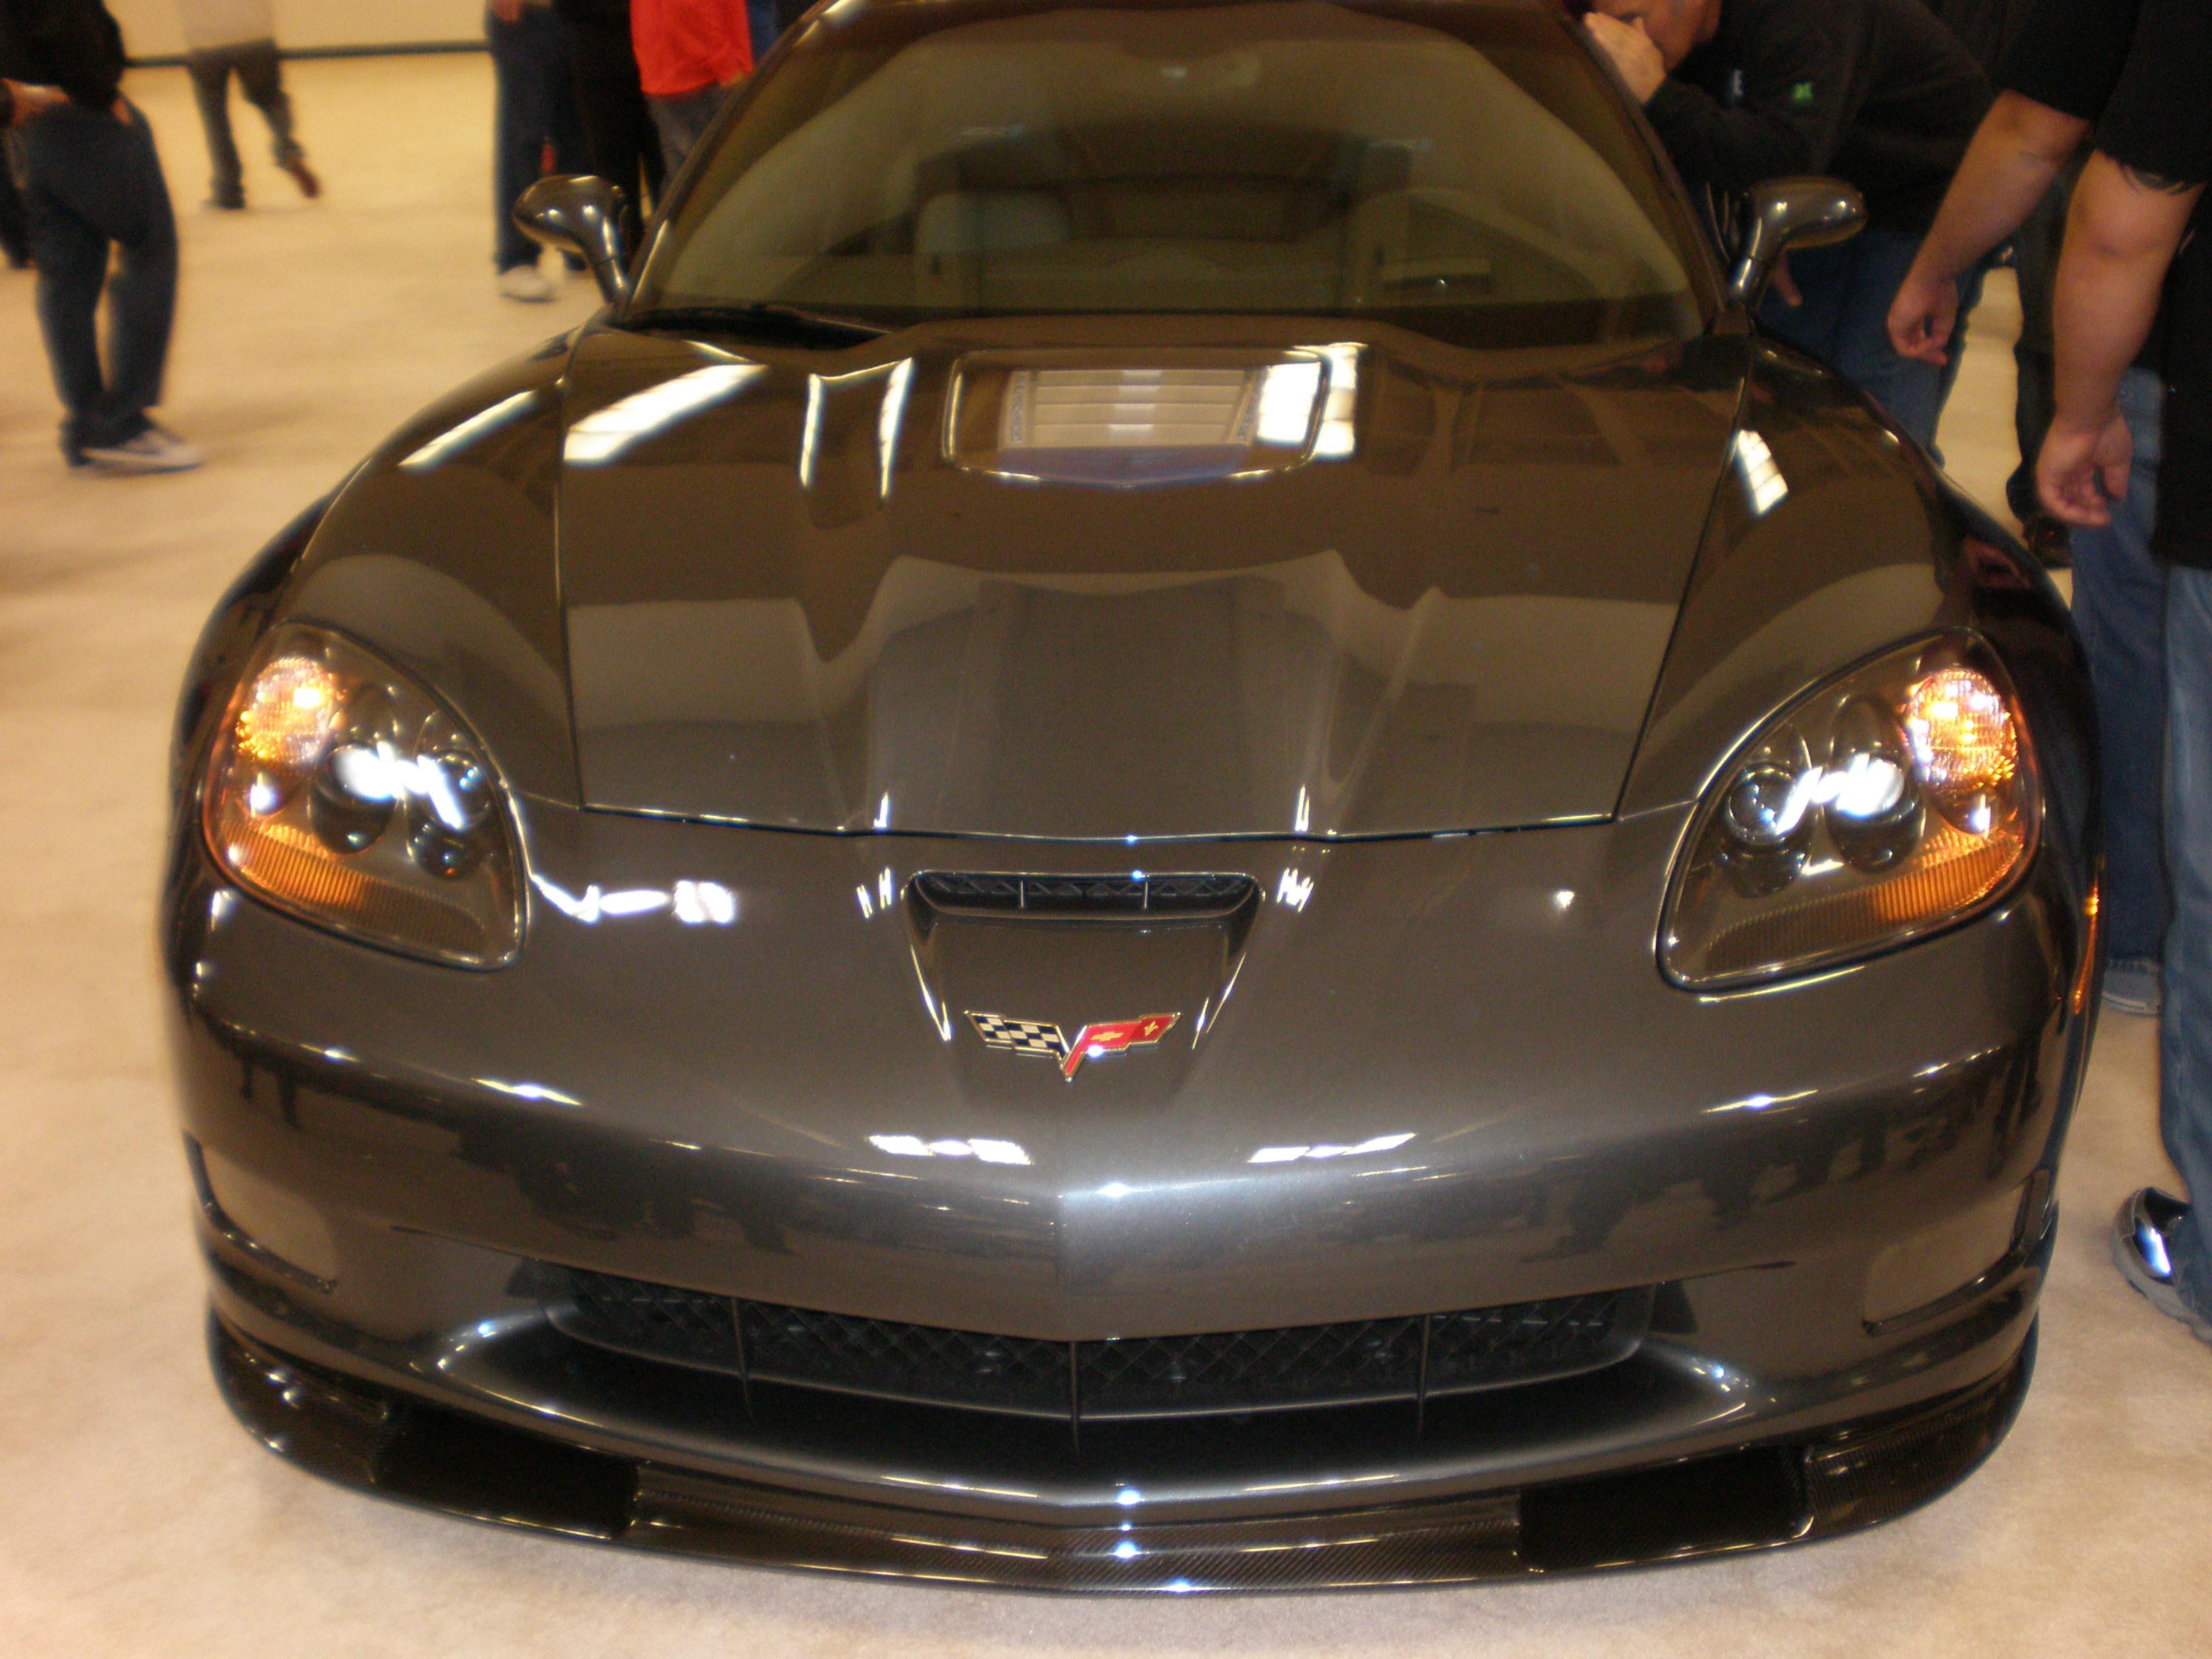 File 2009 Gray Chevrolet Corvette C6 Zr1 Front Jpg Wikimedia Commons